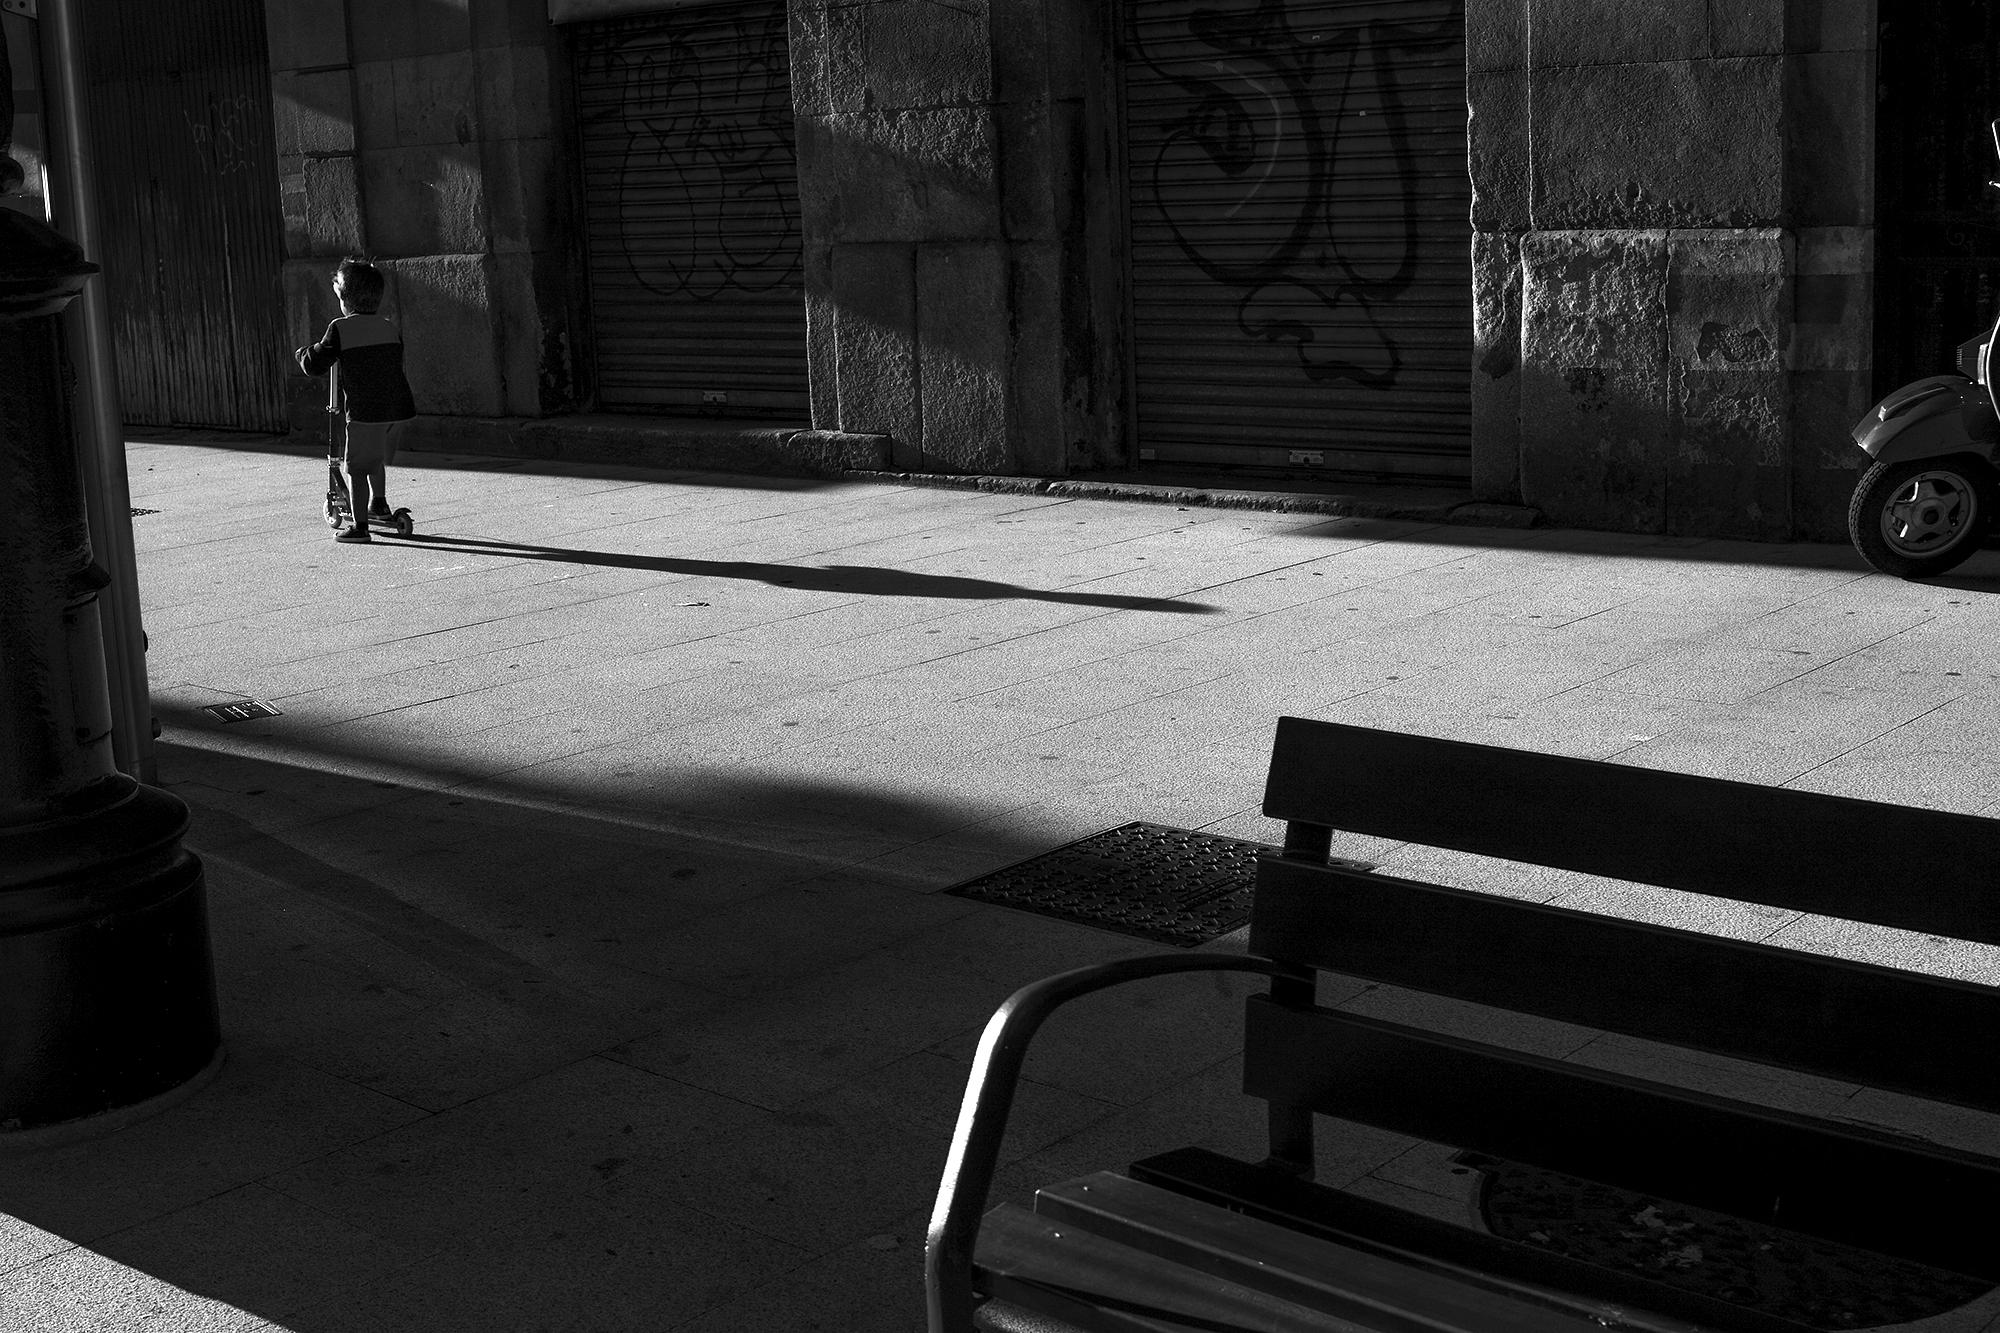 © Rodrigo Cabral Pontevedra 2016